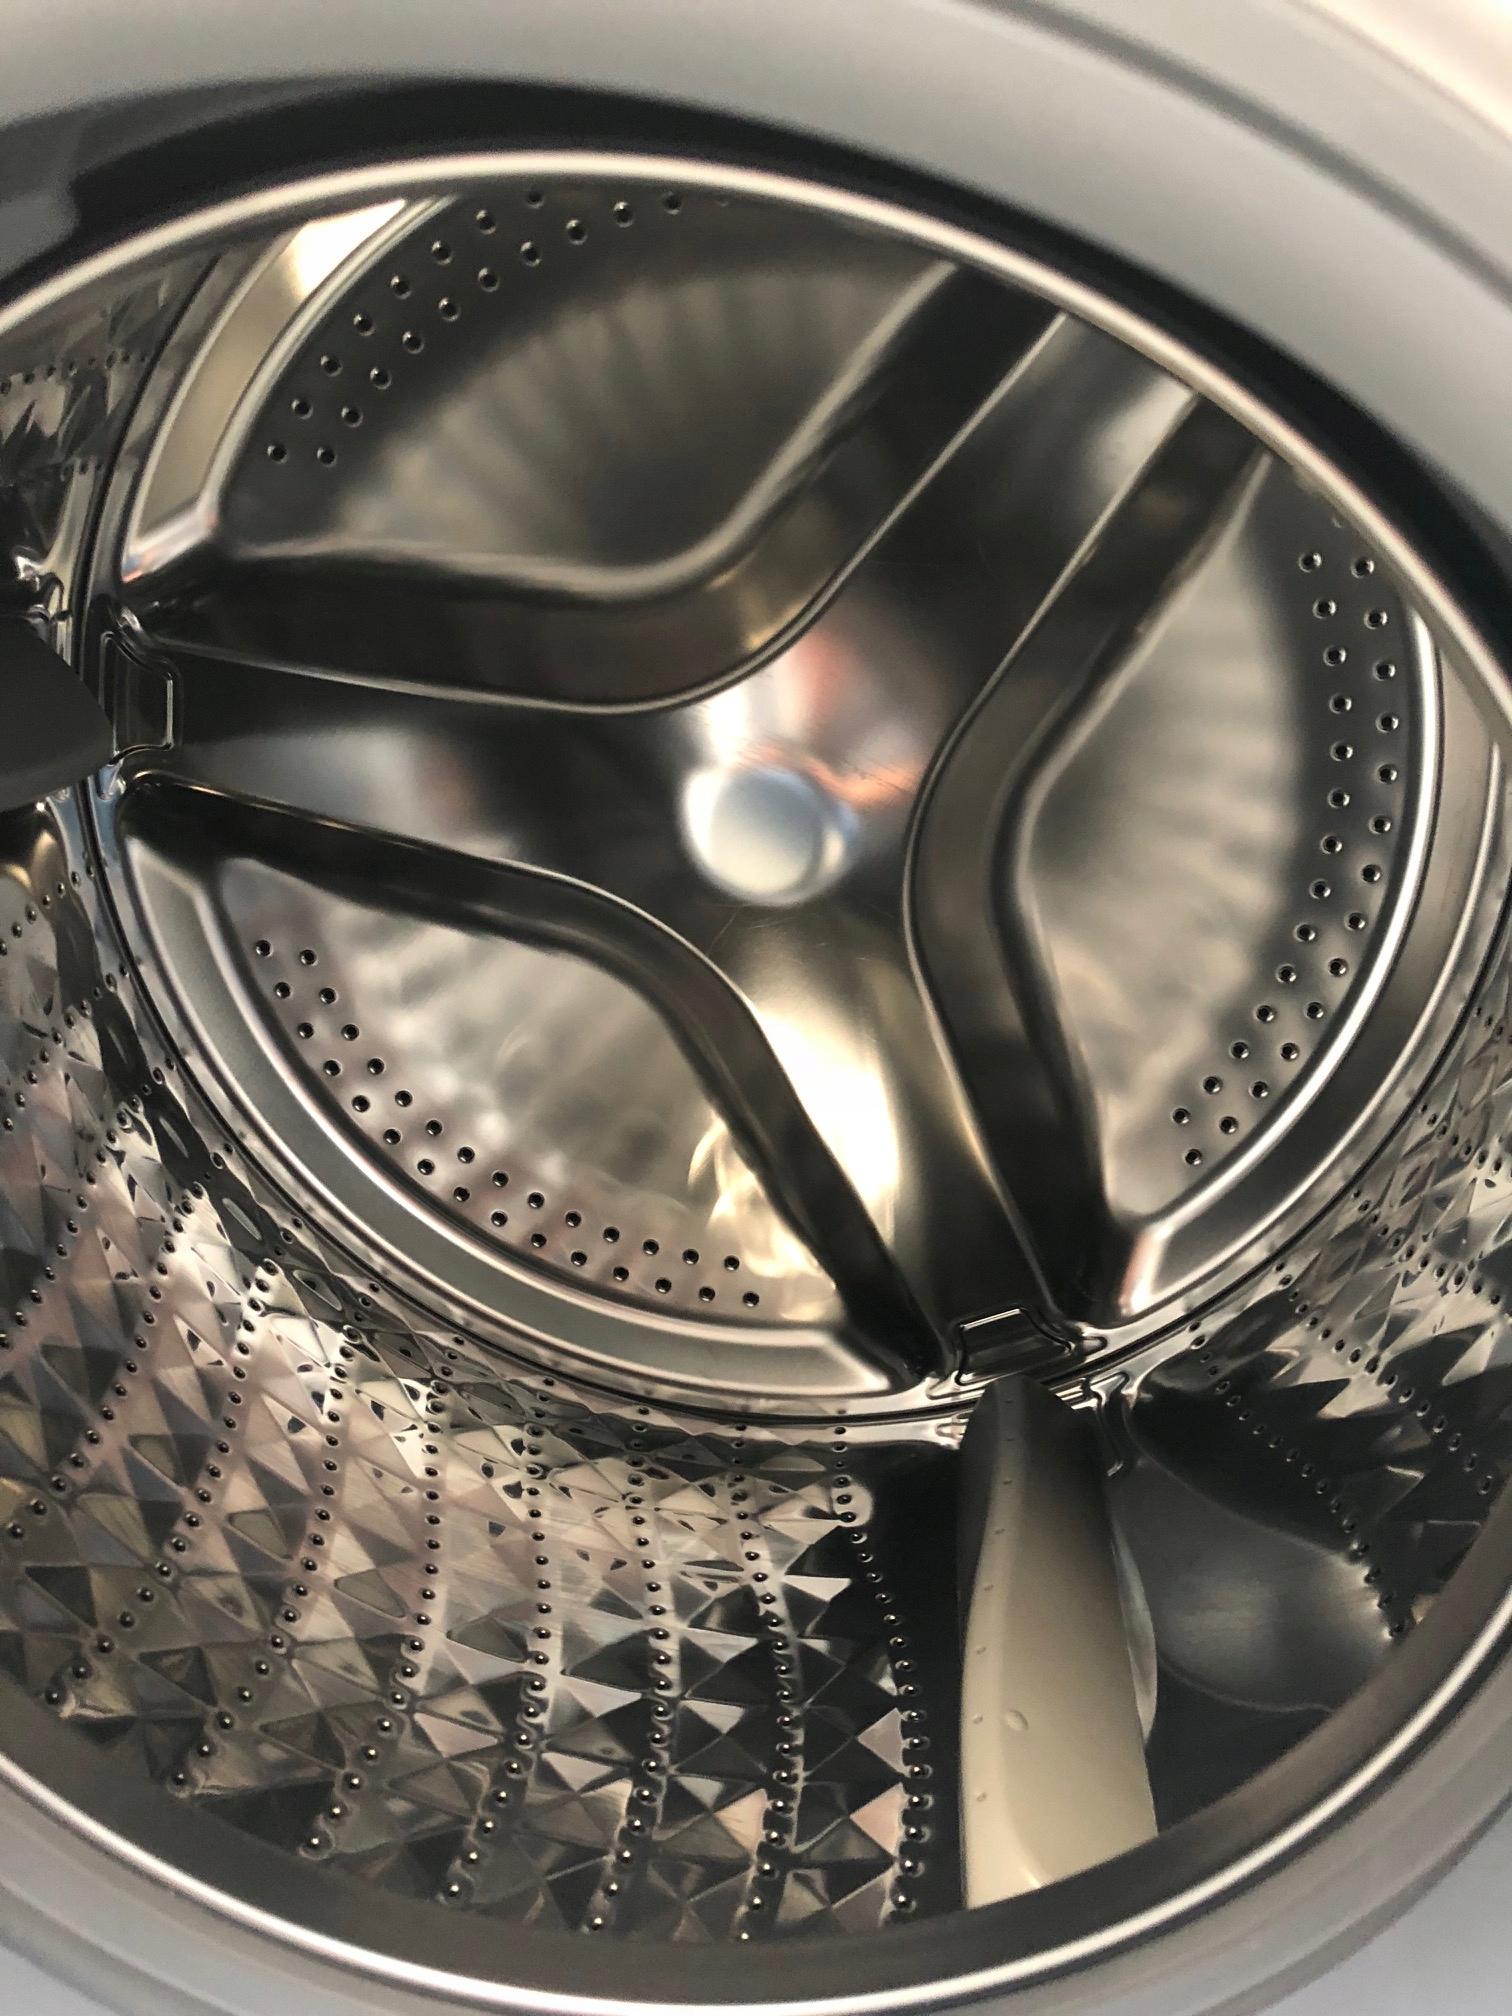 Pralka SAMSUNG WW70K44205W Add Wash A+++ 1400 Gwar (7700981731)